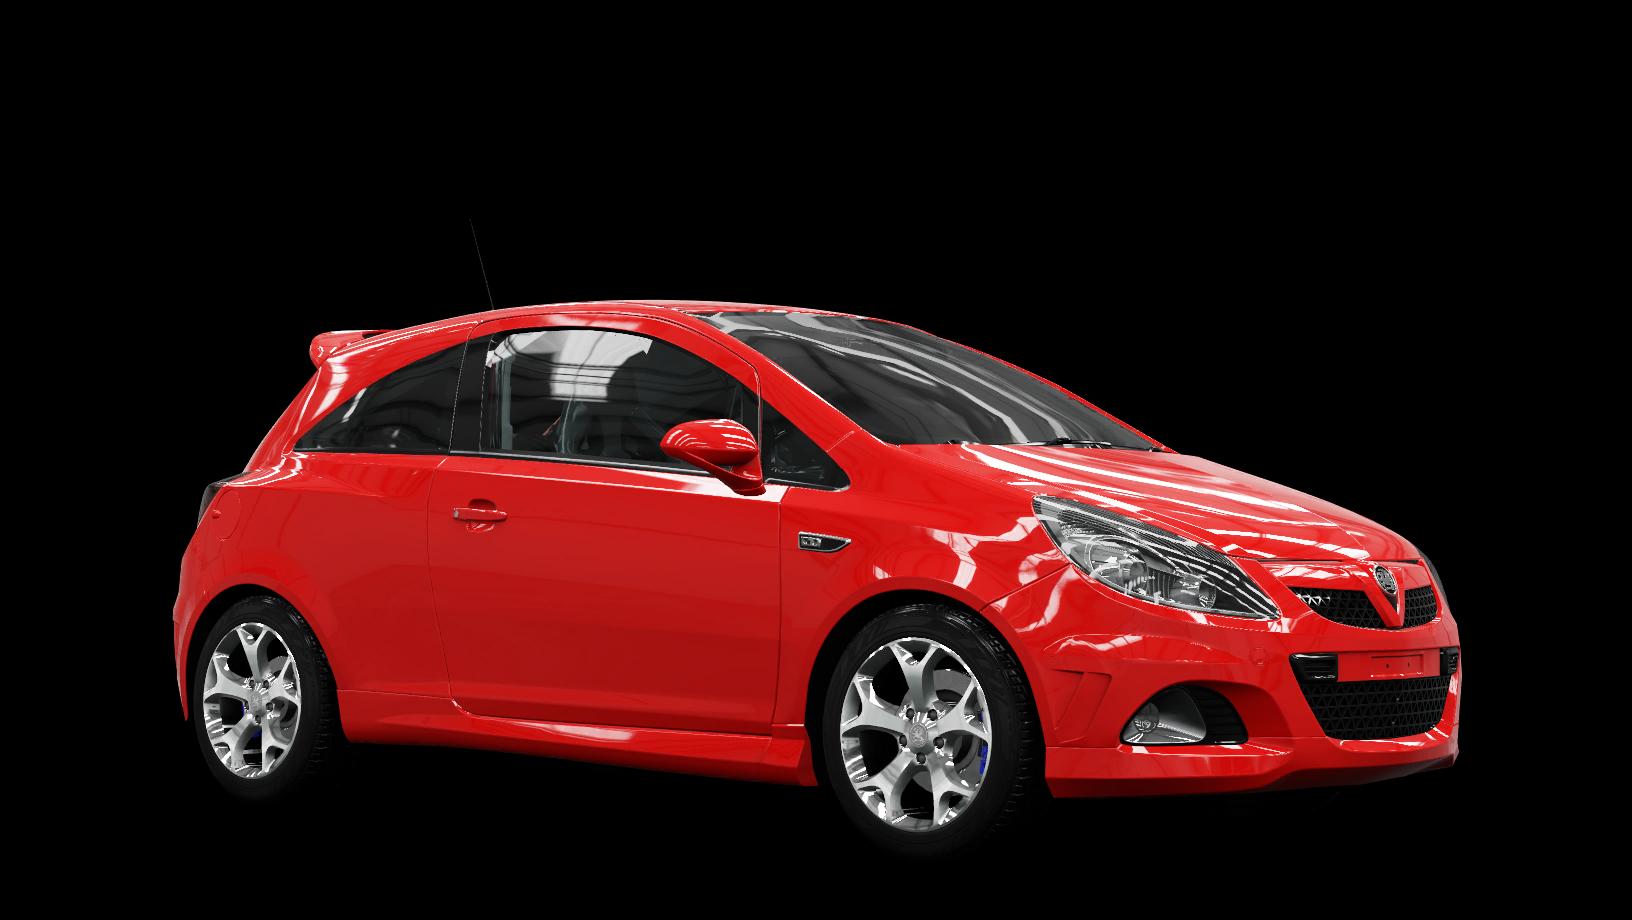 Vauxhall Corsa VXR (2009)